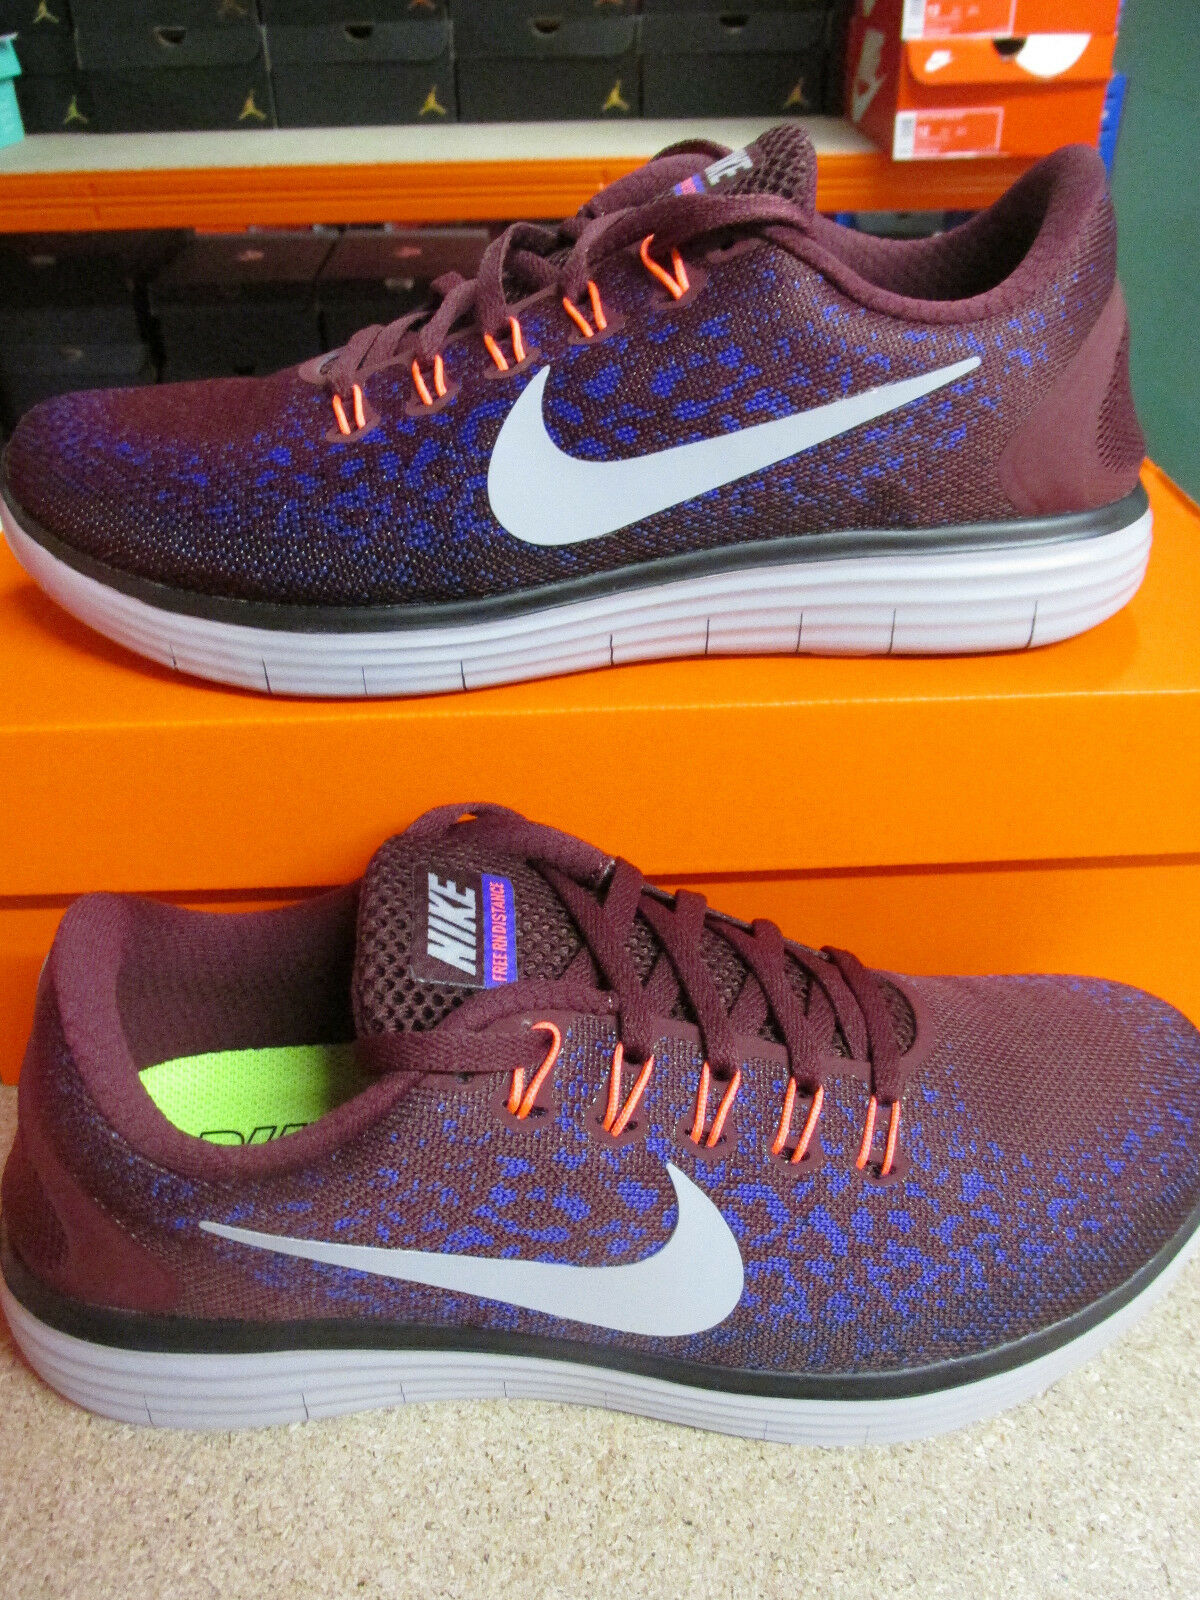 release date f9f54 b9fdb Nike Free Rn Distance scarpe uomo da corsa 827115 600 Scarpe da tennis